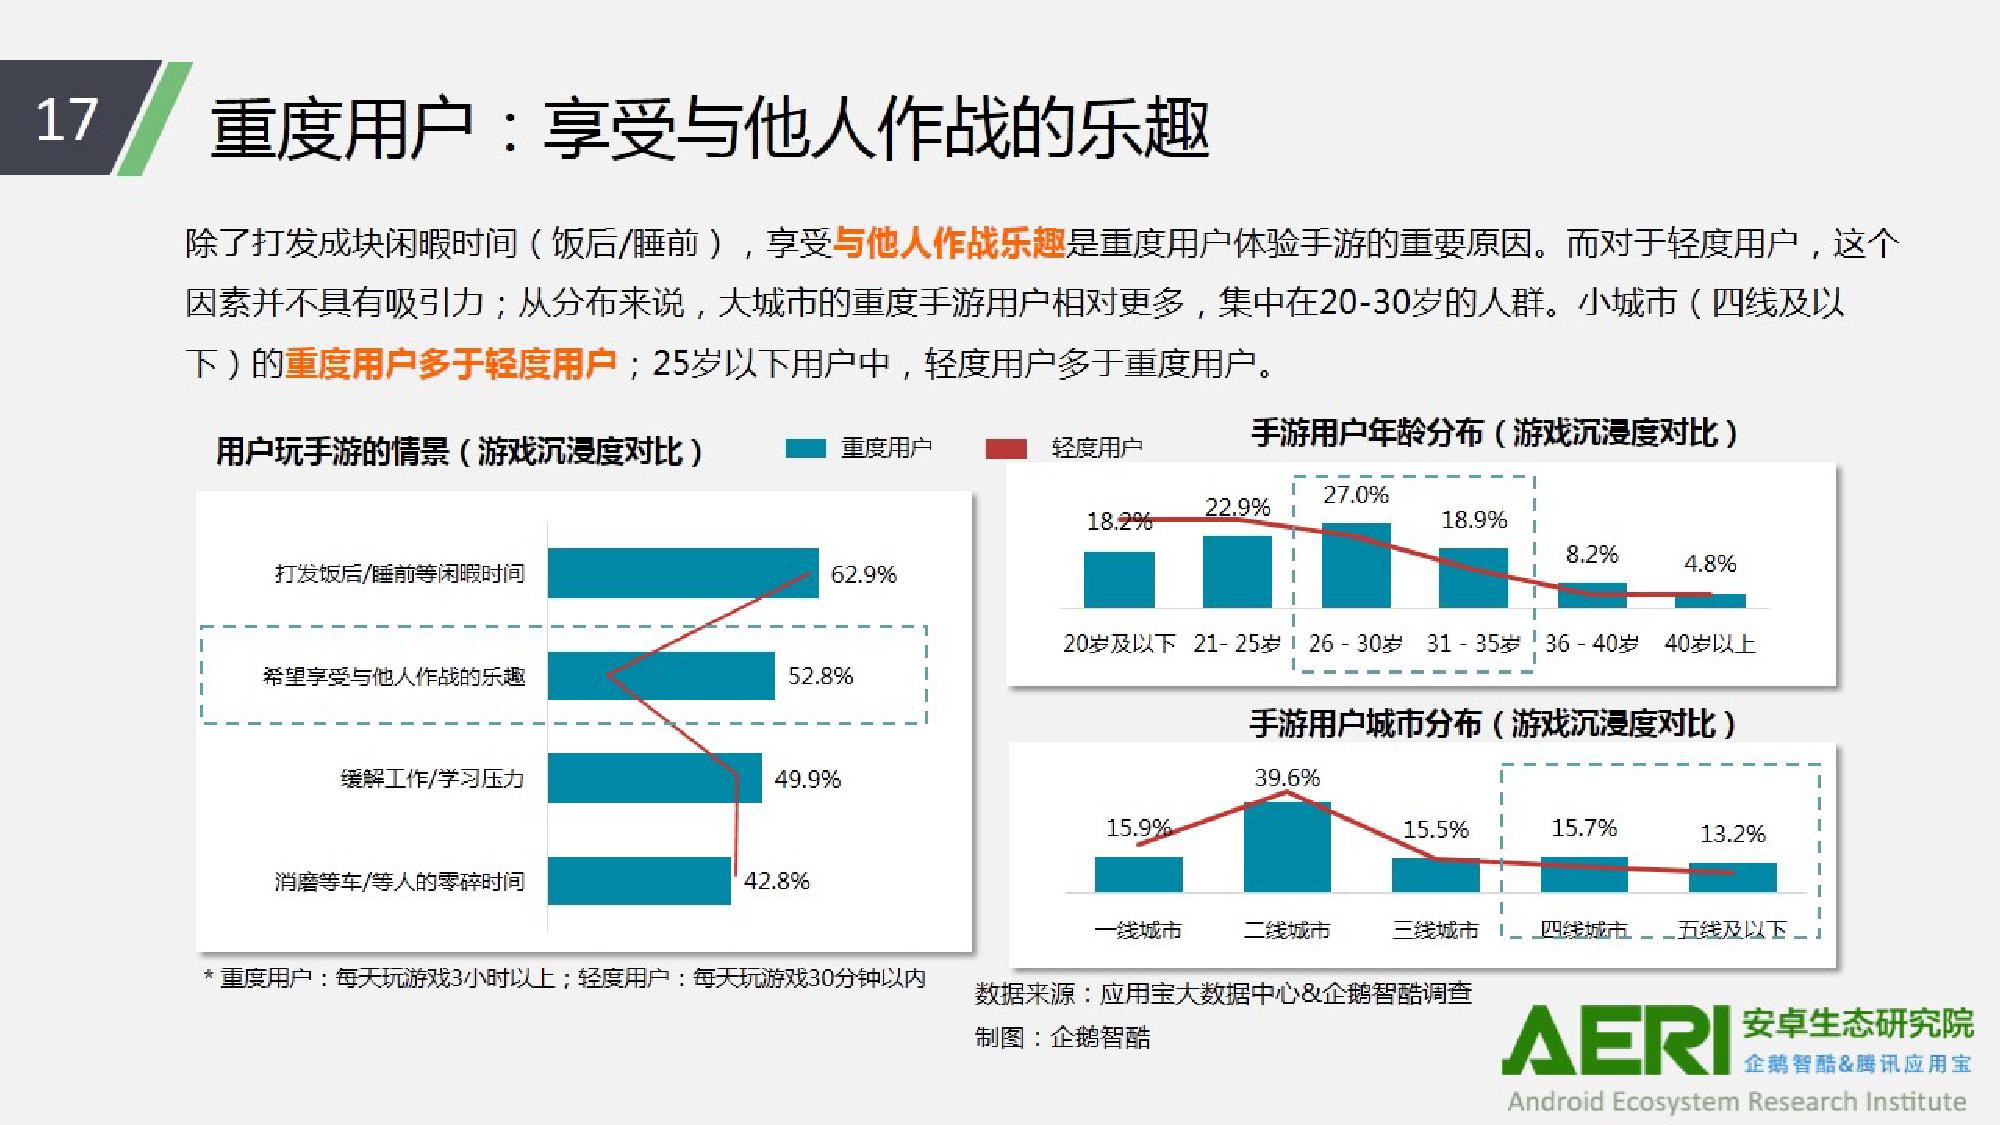 中国手游行业2016大数据报告_000018